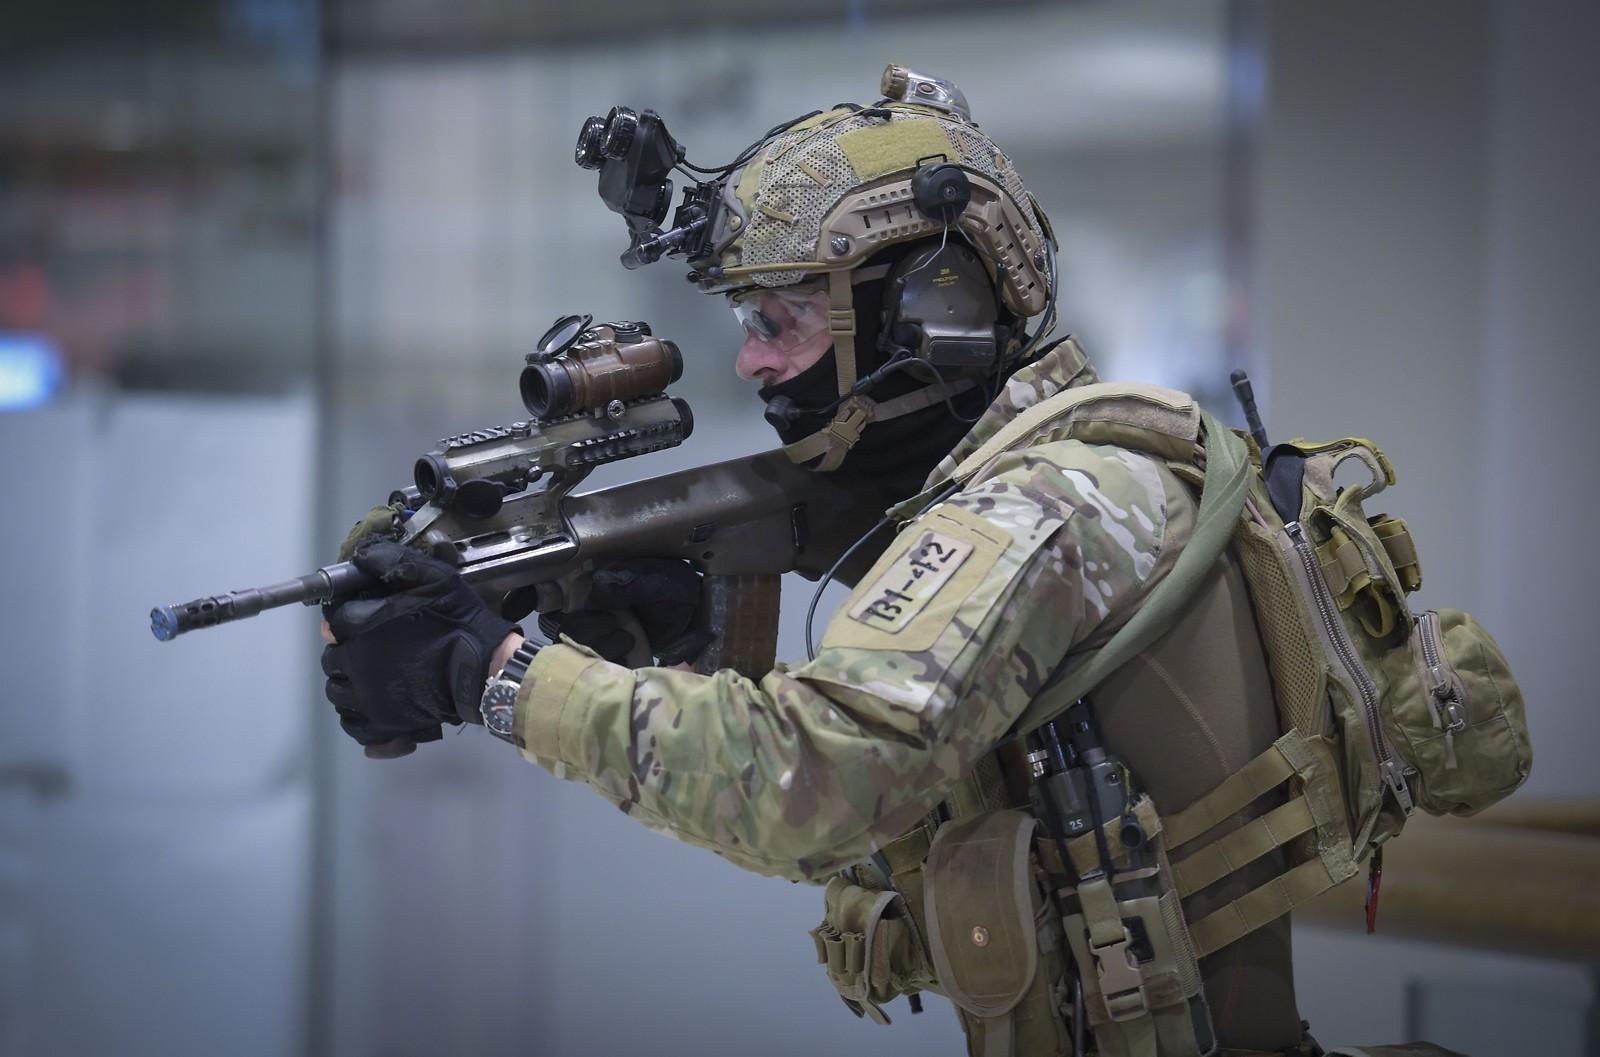 Die Kommandosoldaten tragen die Multicam Uniform von Claw Gear © Bundesheer